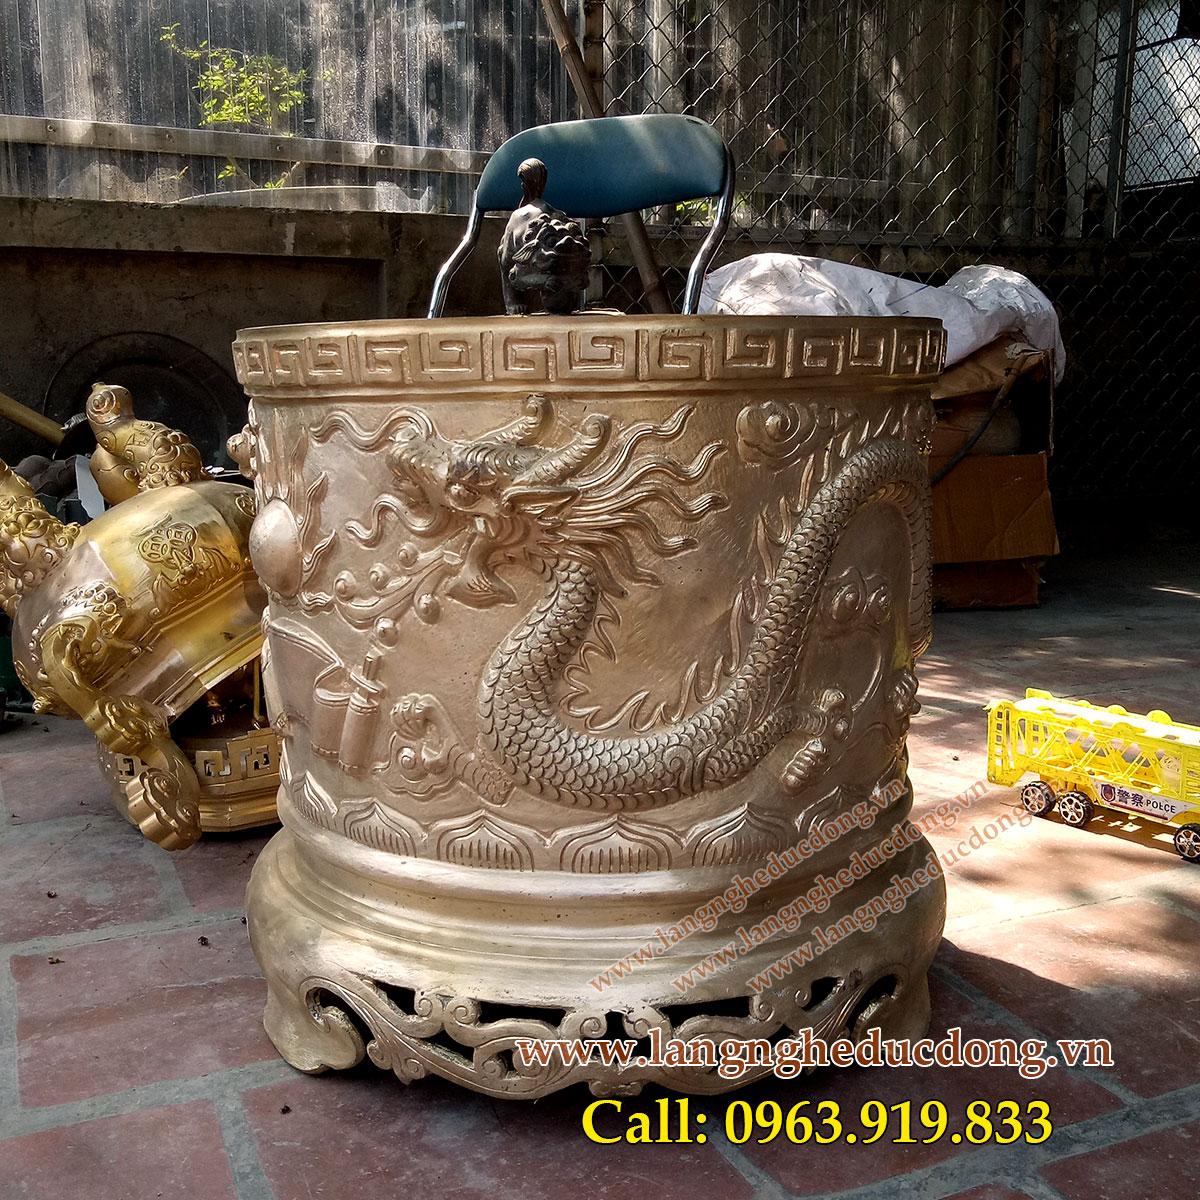 langngheducdong.vn - bát hương thờ cúng đình chùa, bát hương đồng cúng tiến, bát hương song long chầu nguyệt